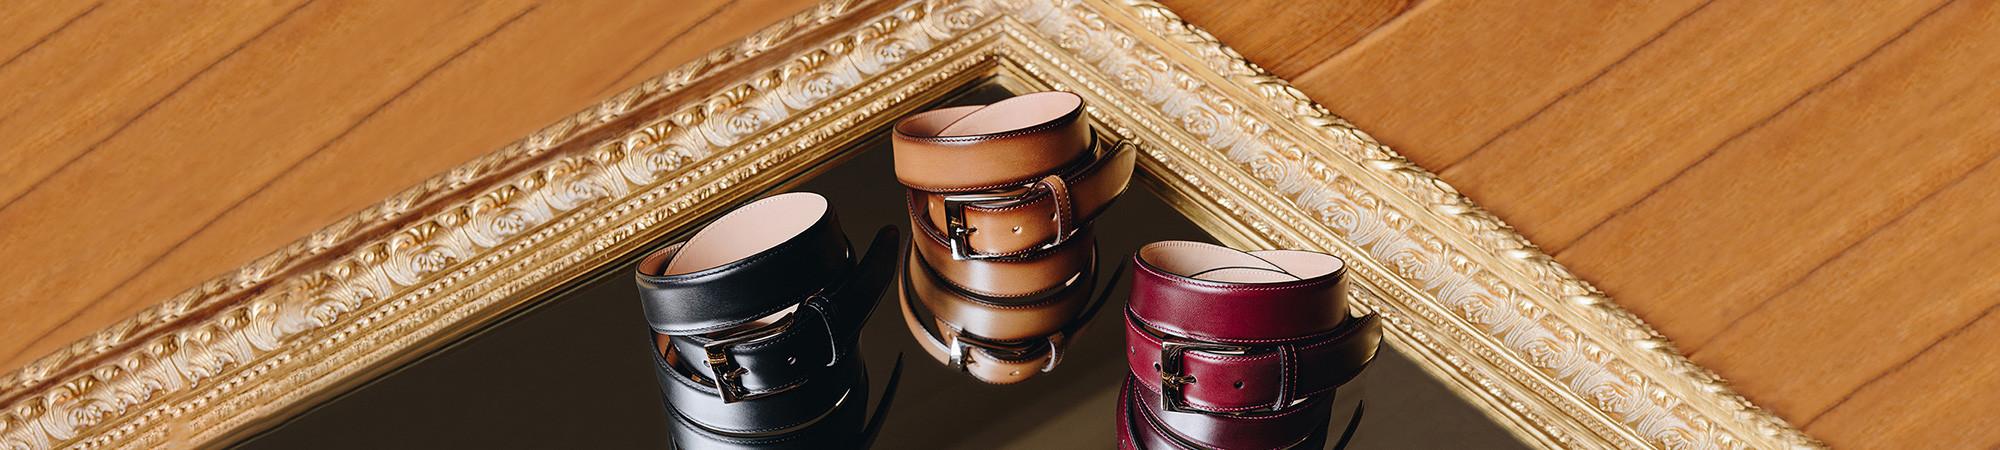 Belts for men - Emling belts